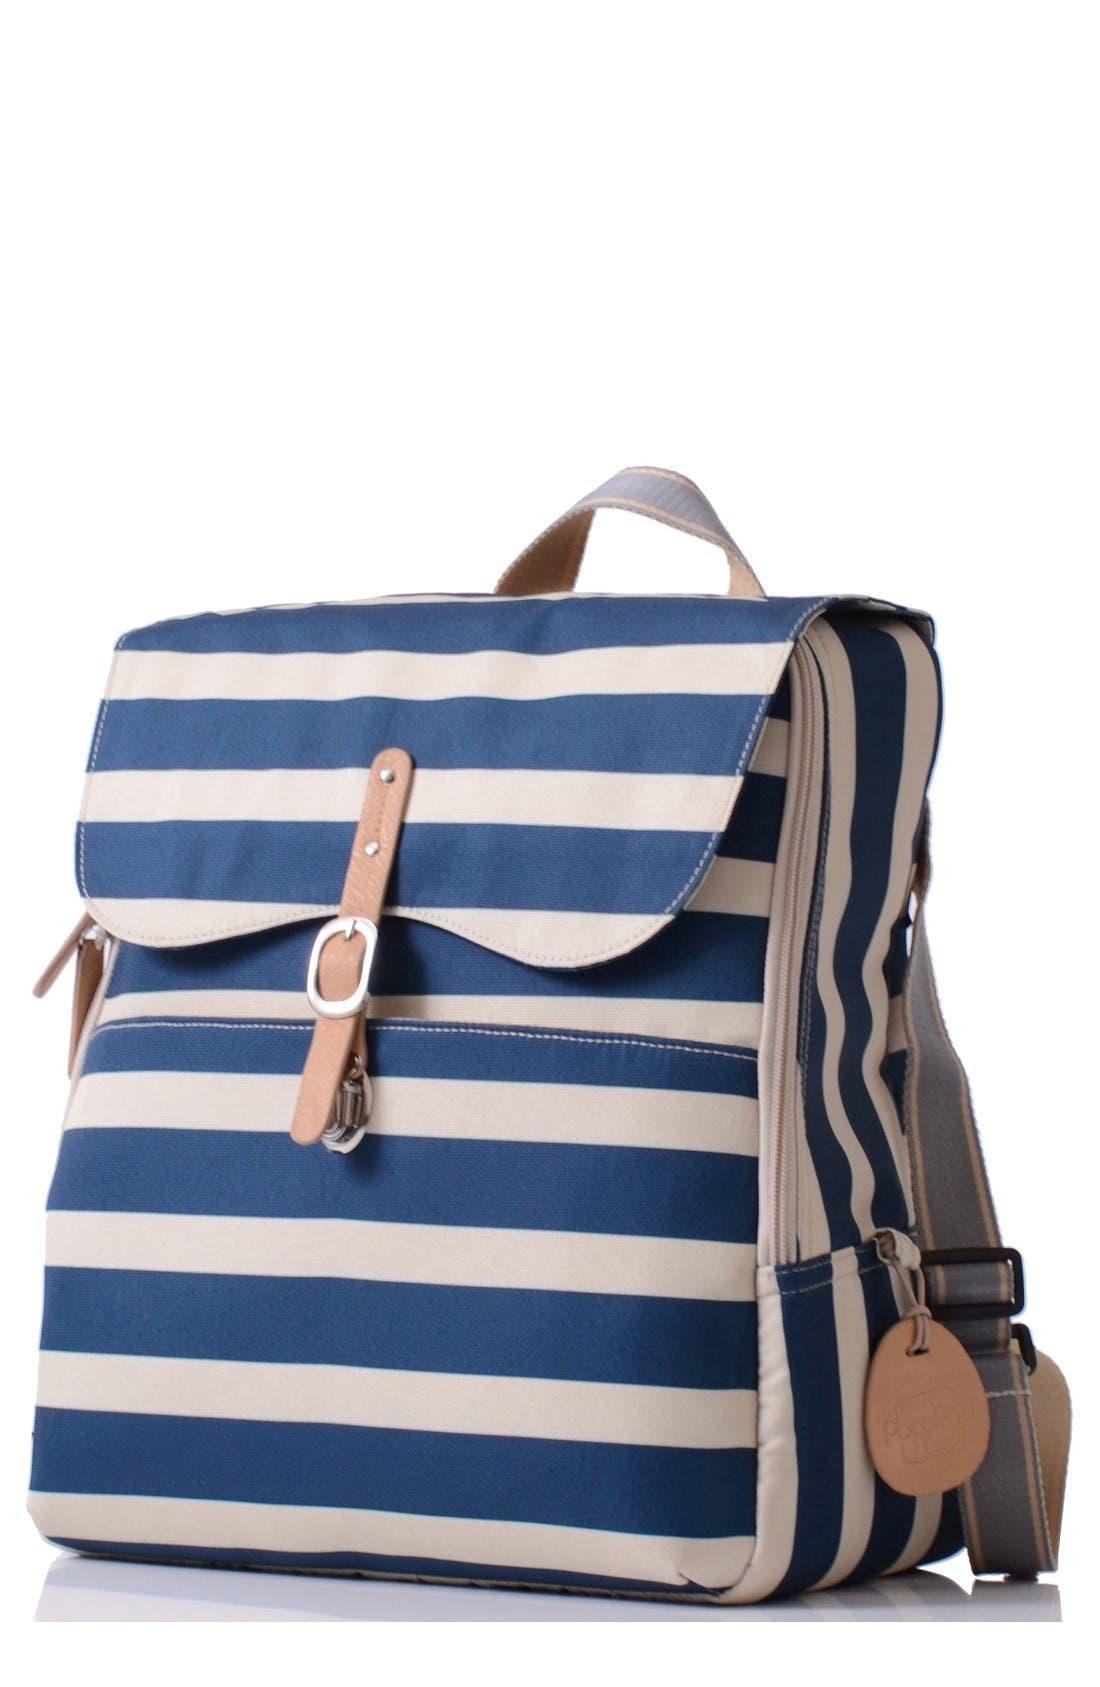 Main Image - PacaPod 'Hastings' Diaper Bag